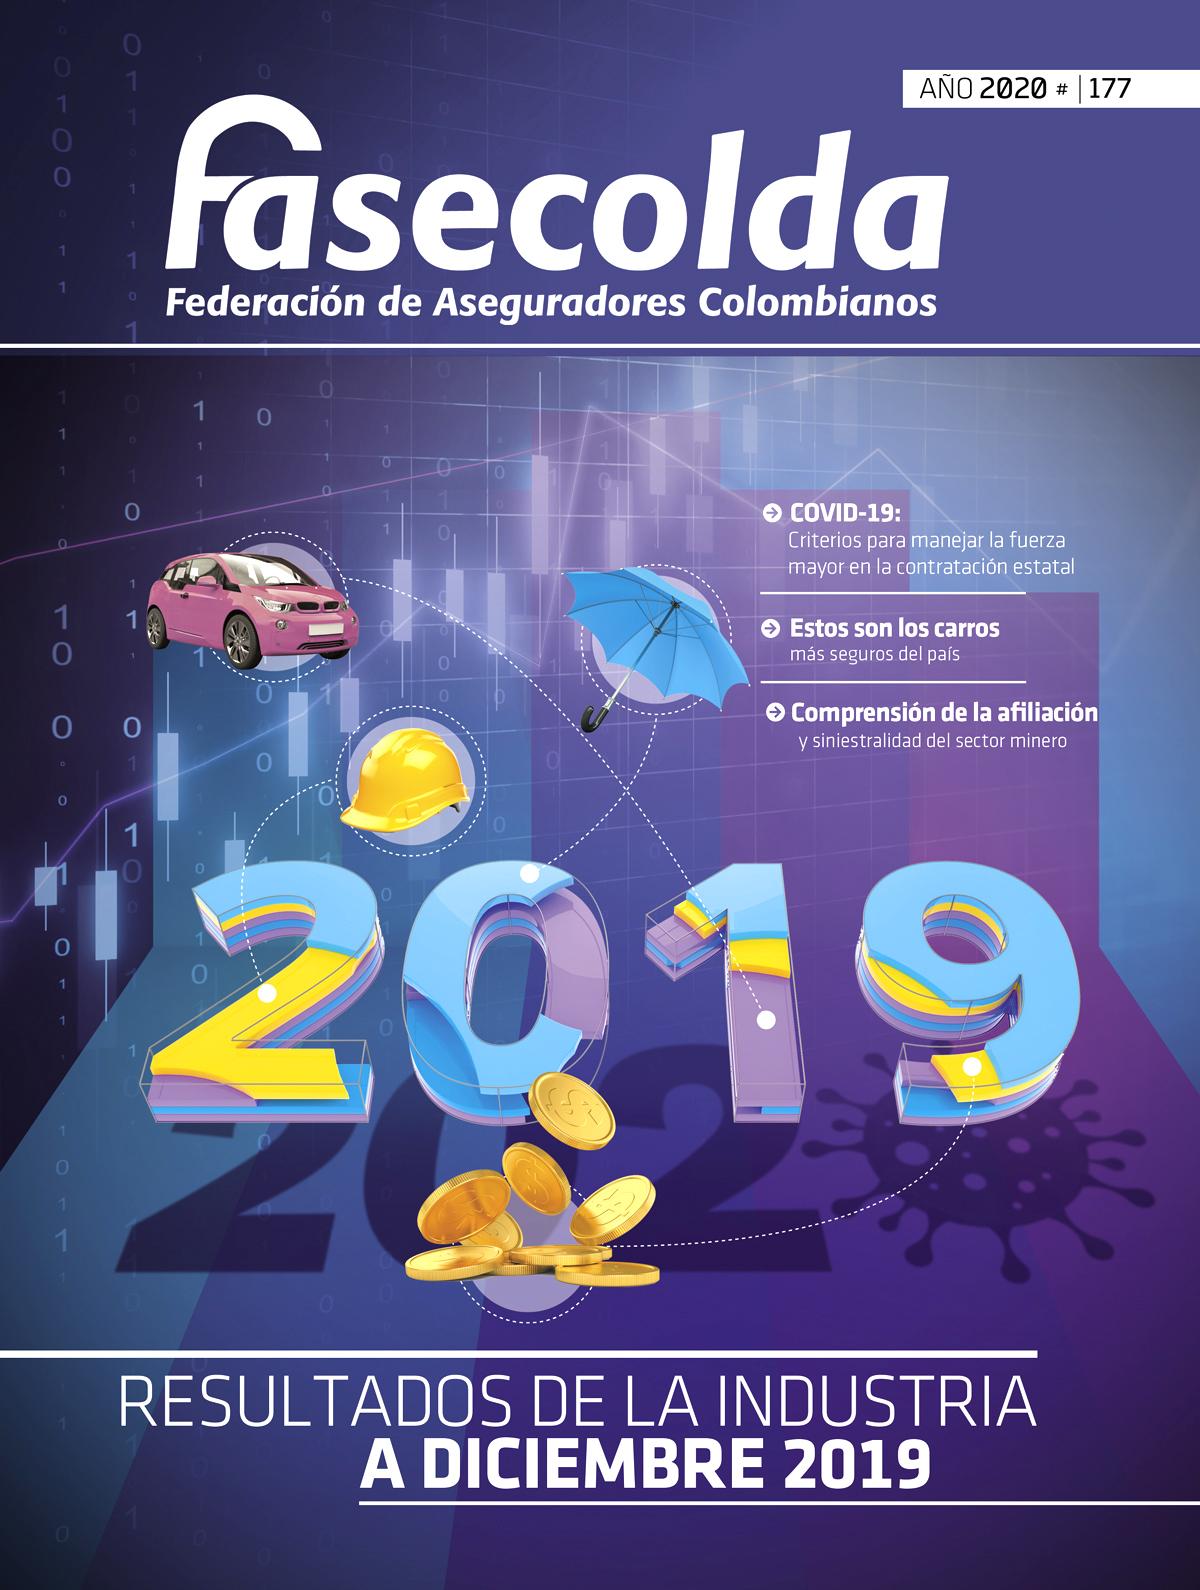 Fasecolda Federación de Aseguradores Colombianos Número 177 año 2020. Resultados de la industria a diciembre de 2019